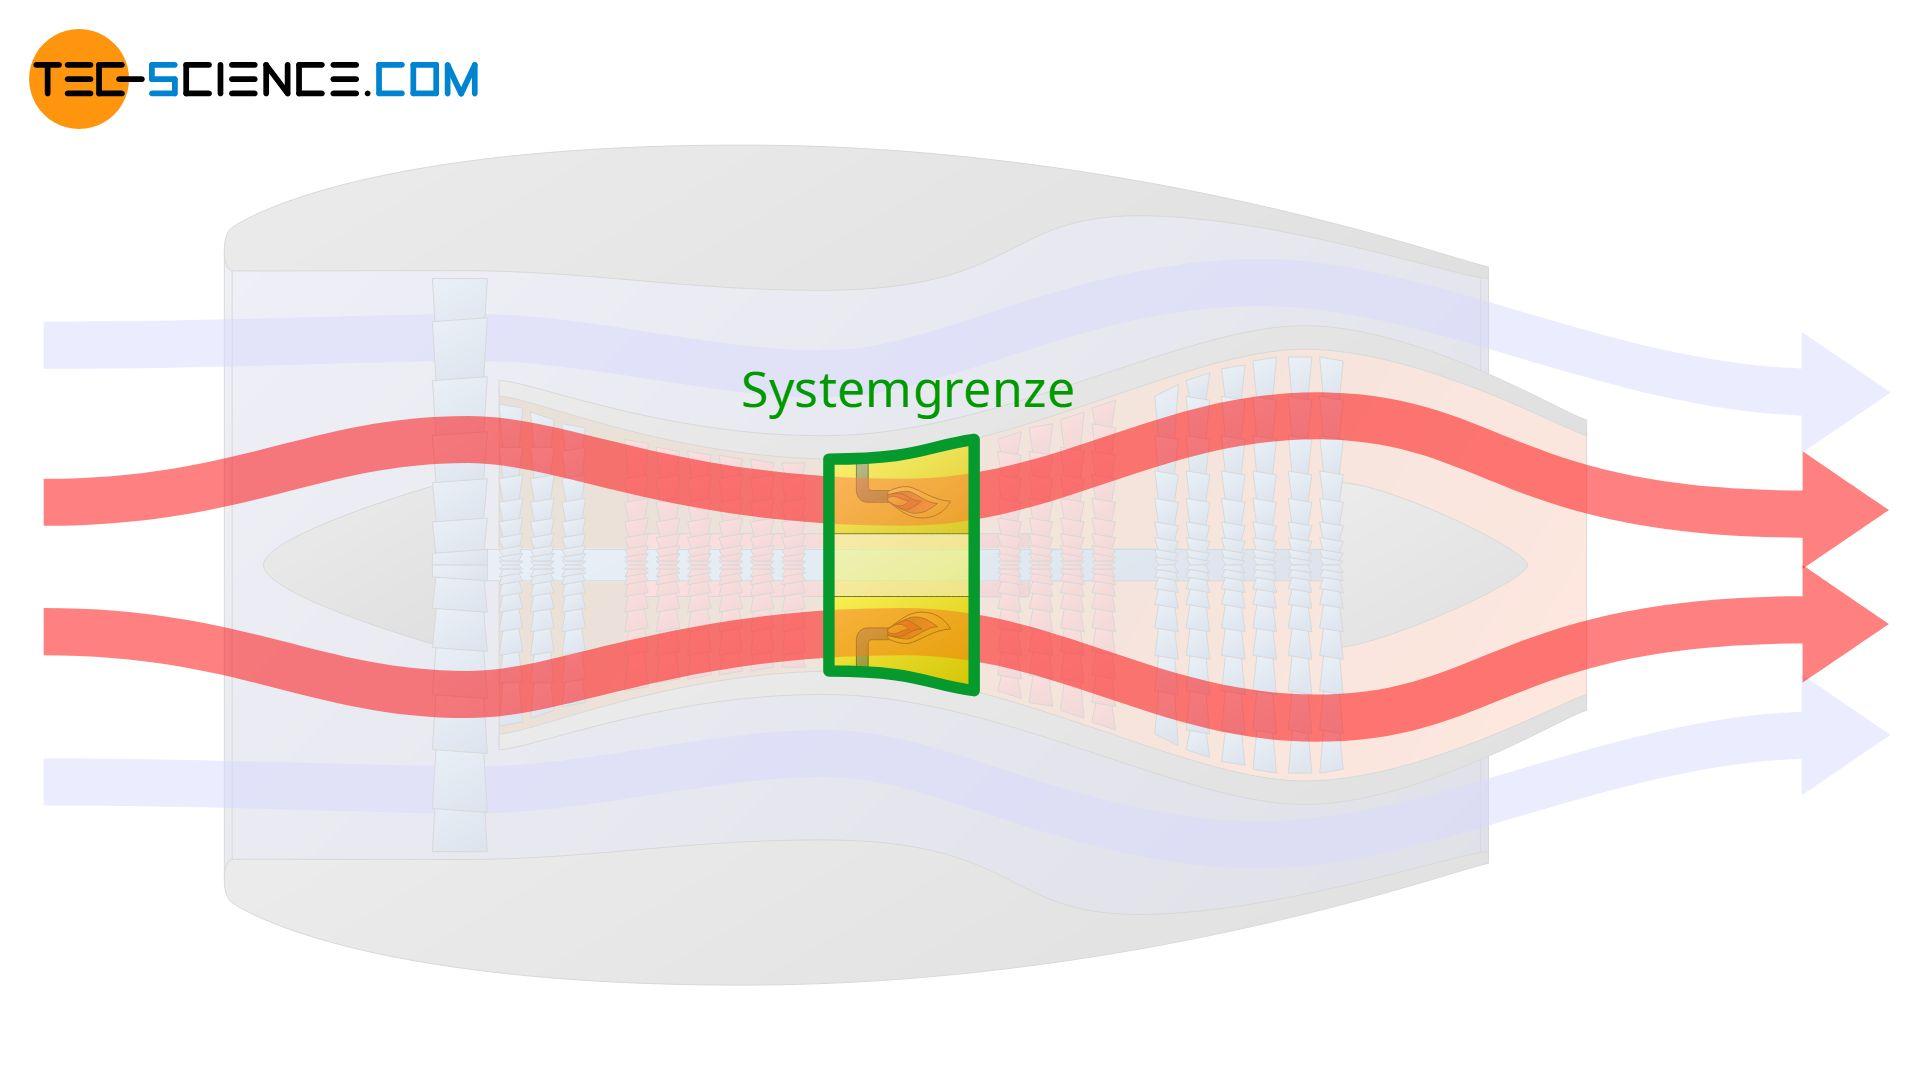 Brennkammer als Systemgrenze zur Beschreibung des Verbrennungsvorgangs